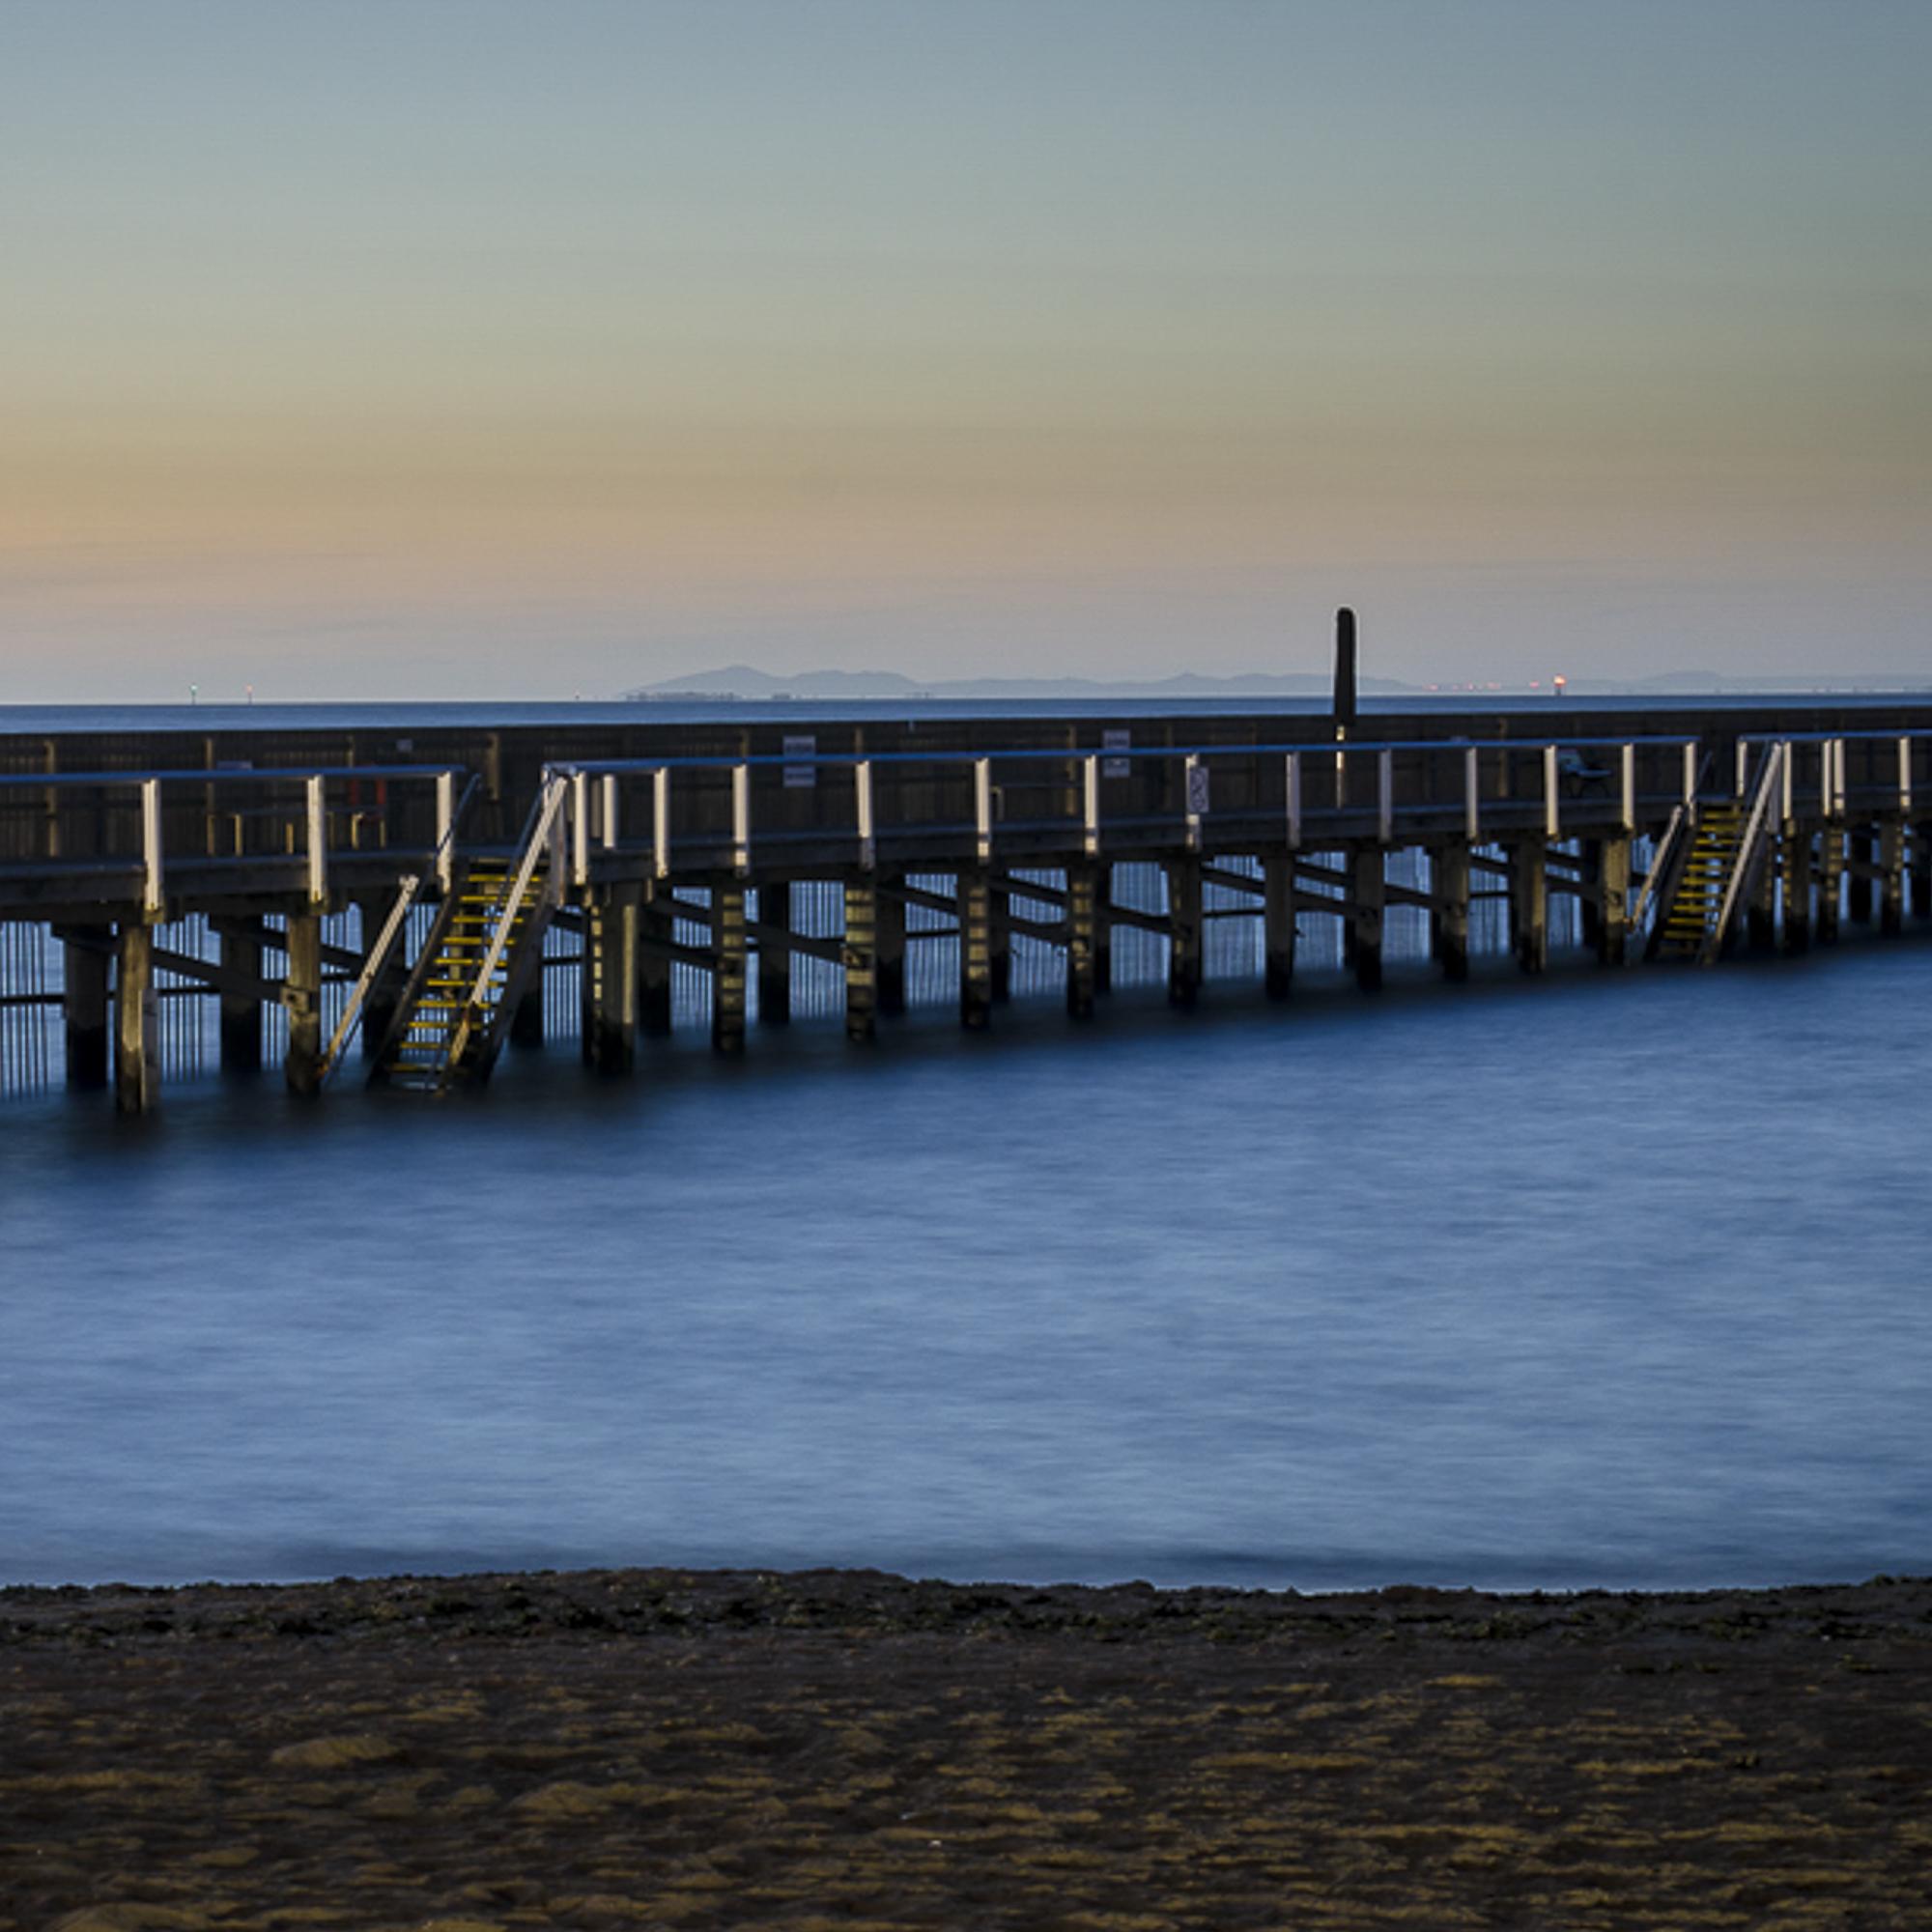 Middle Brighton Baths  PHOTOGRAPHY: ALEXANDER J.E. BRADLEY • NIKON D7000 • AF-S NIKKOR 24-70MM Ƒ/2.8G ED @ 45MM • Ƒ/11 • 20EC • ISO 100